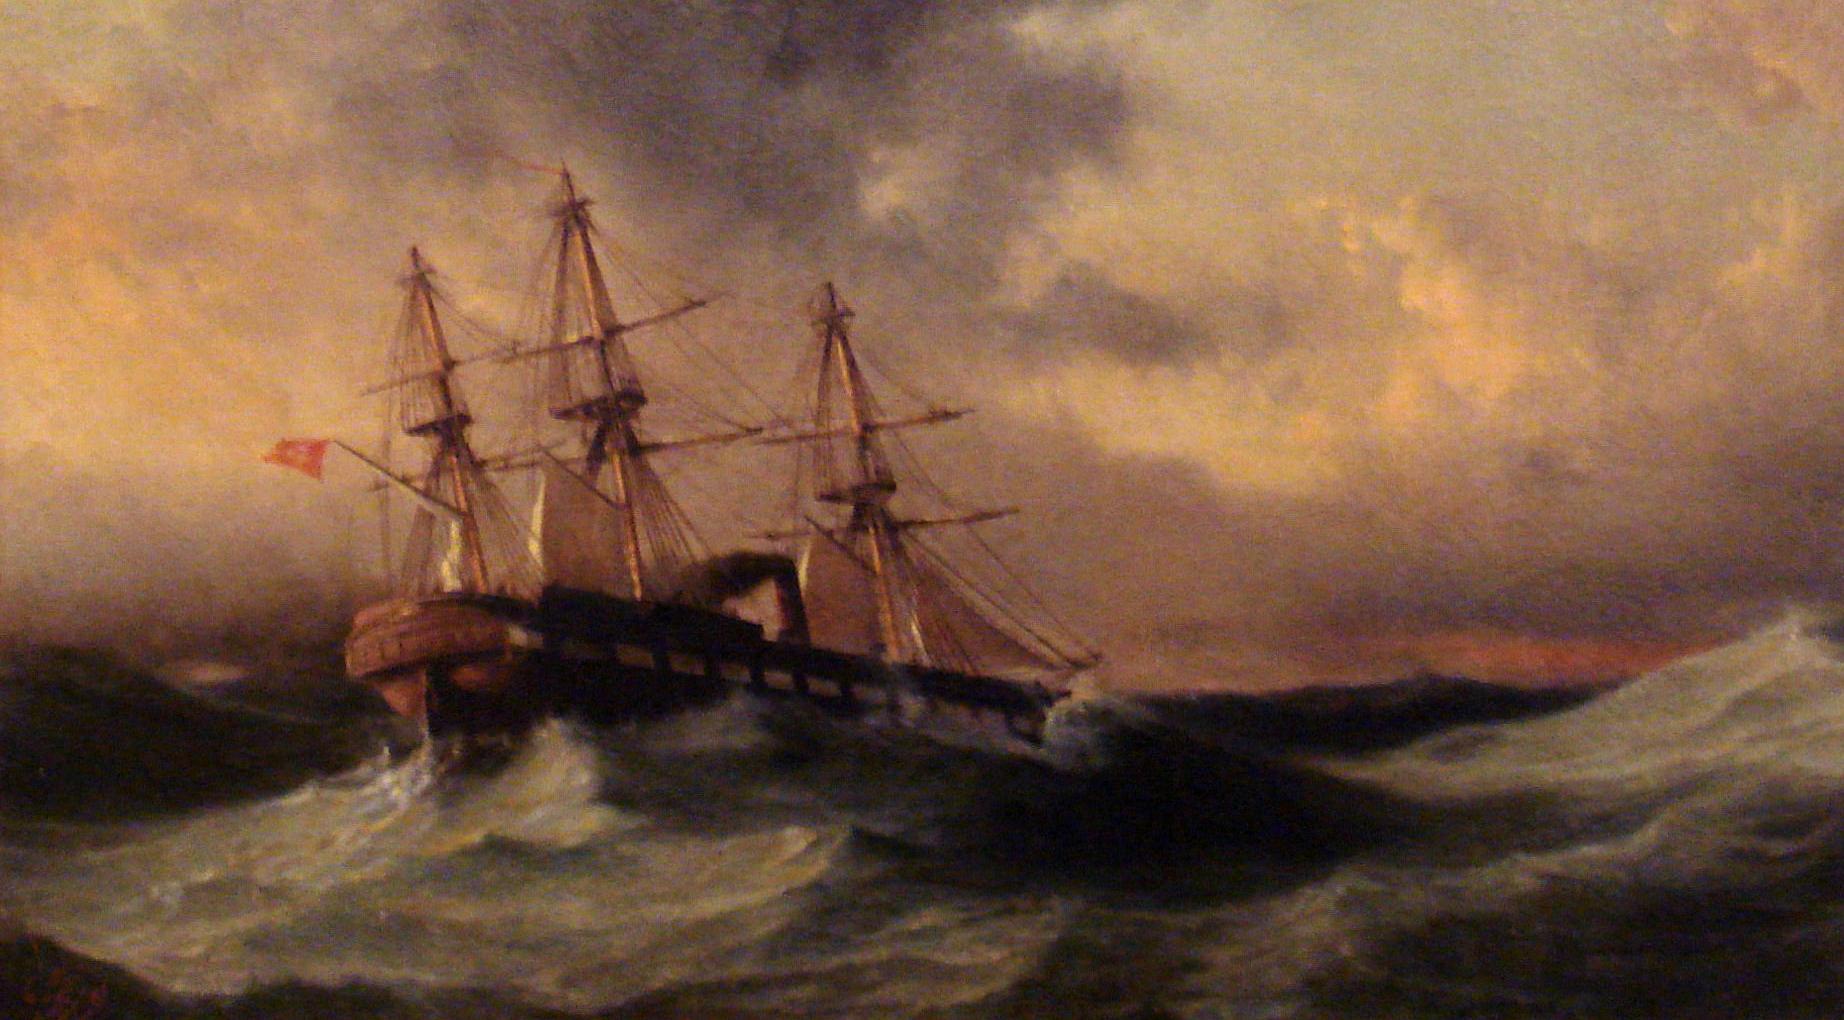 Voyage of frigate Ertuğrul to Japan, commanded by Mirliva Osman Pasha (1858-1890) Kaynak: Wikimedia Commons'tan Özgür medya deposu